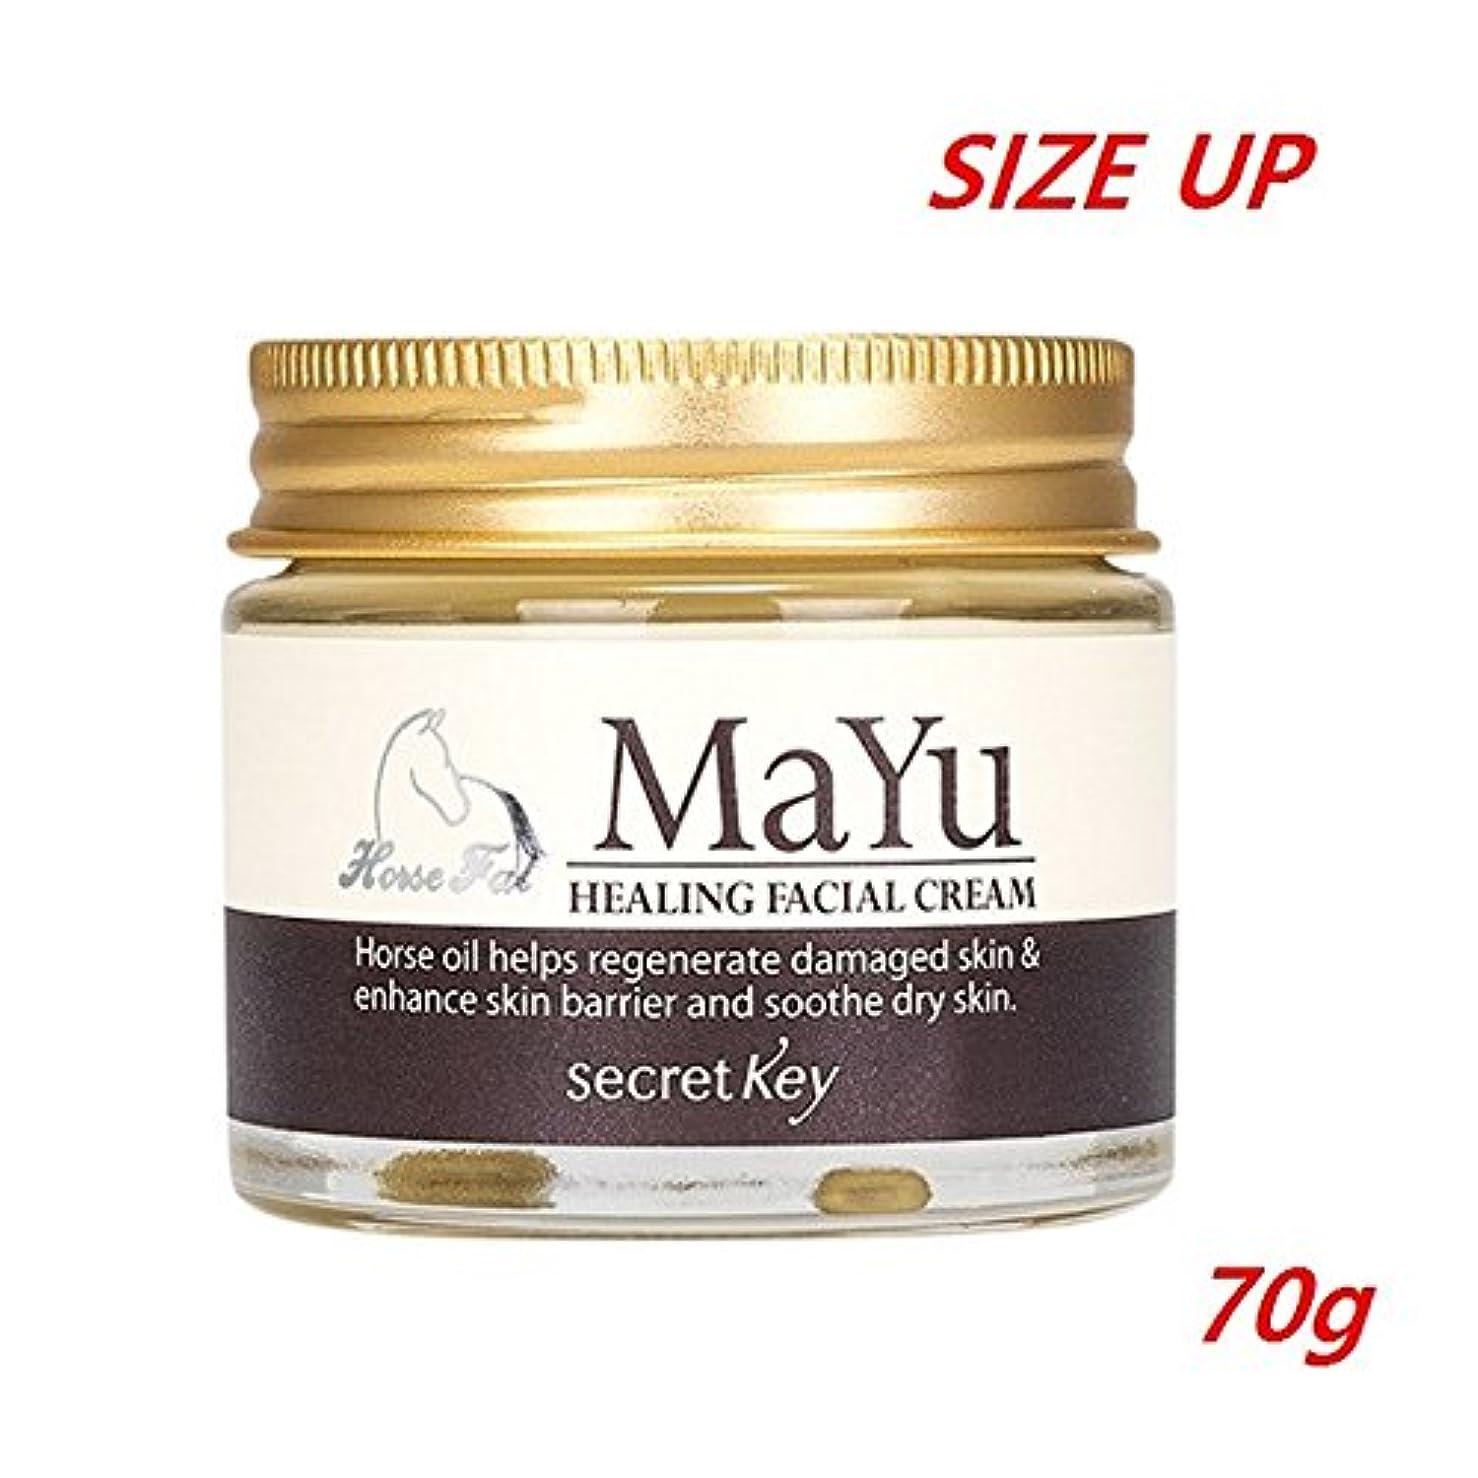 犬堀さまようシークレットキー 馬油 ヒーリング フェイシャル クリーム/Secret Key Mayu Healing Facial Cream 70g Size Up(50g to 70g Up Grade) [並行輸入品]